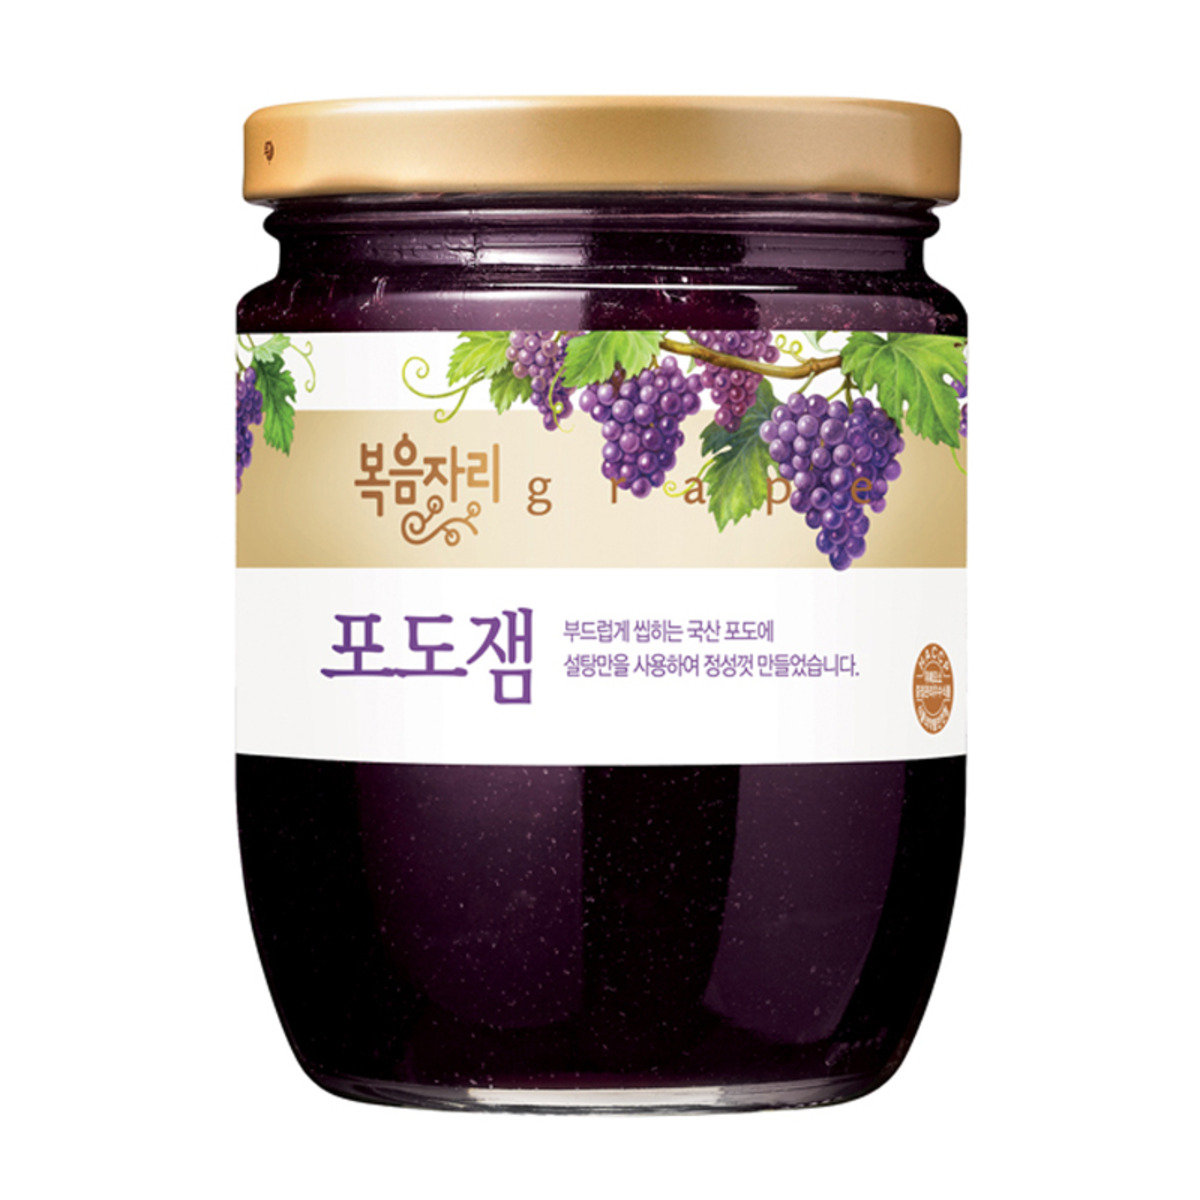 韓國葡萄果醬